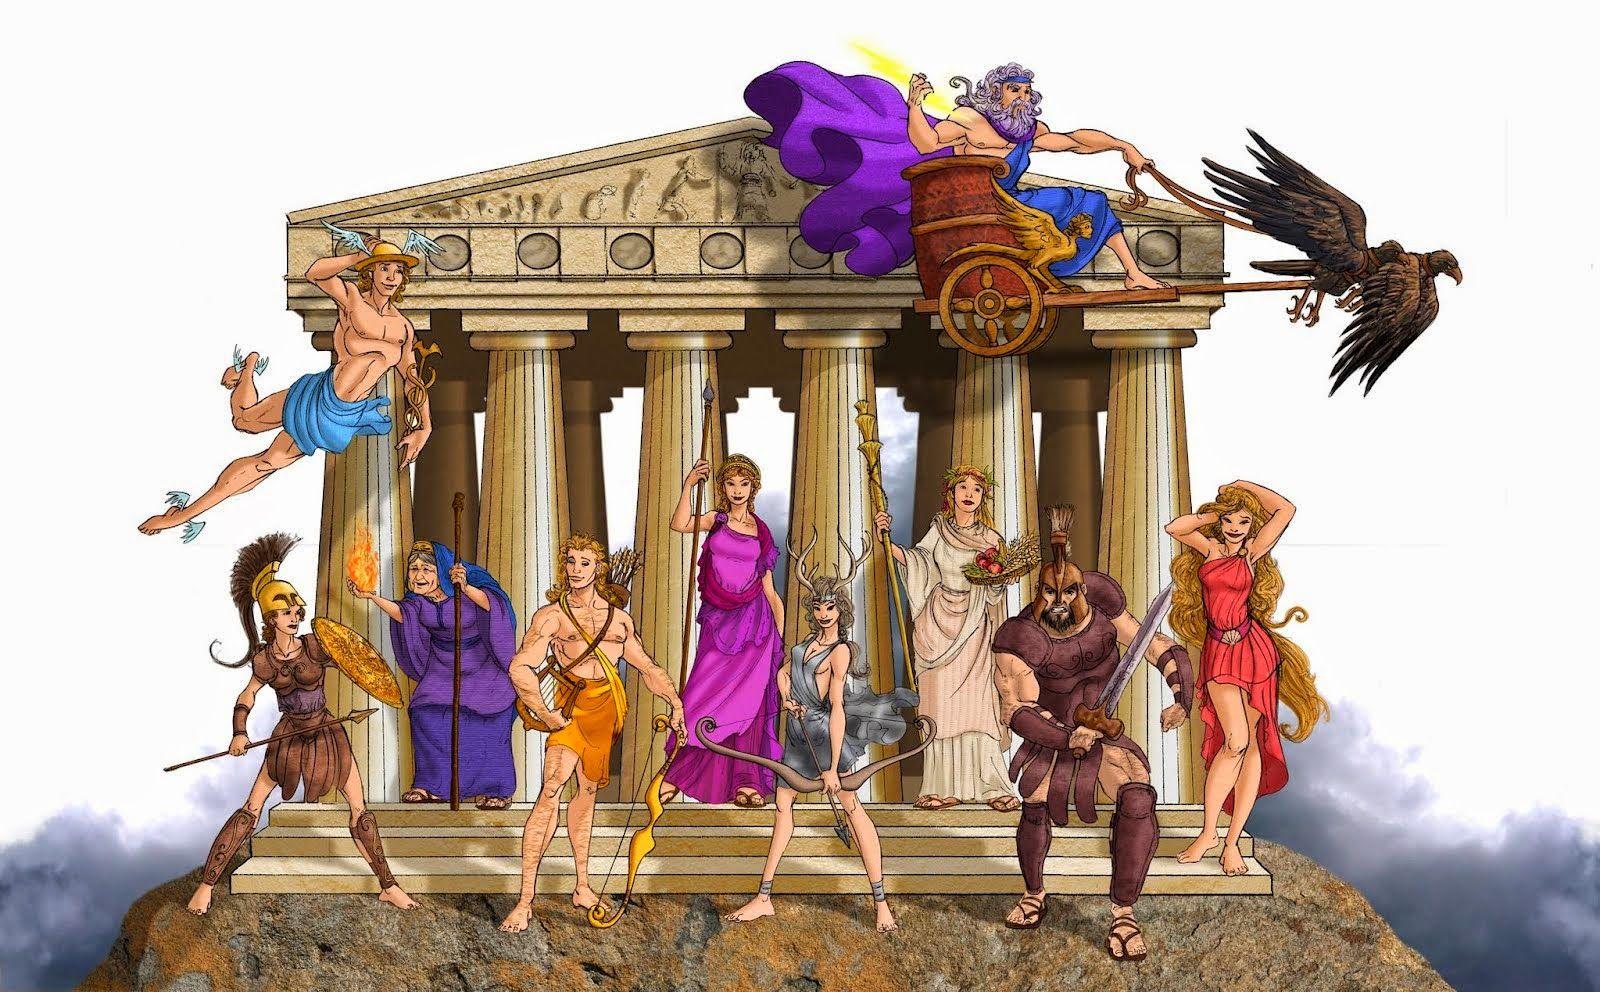 эффектно боги олимпа рисунки этой